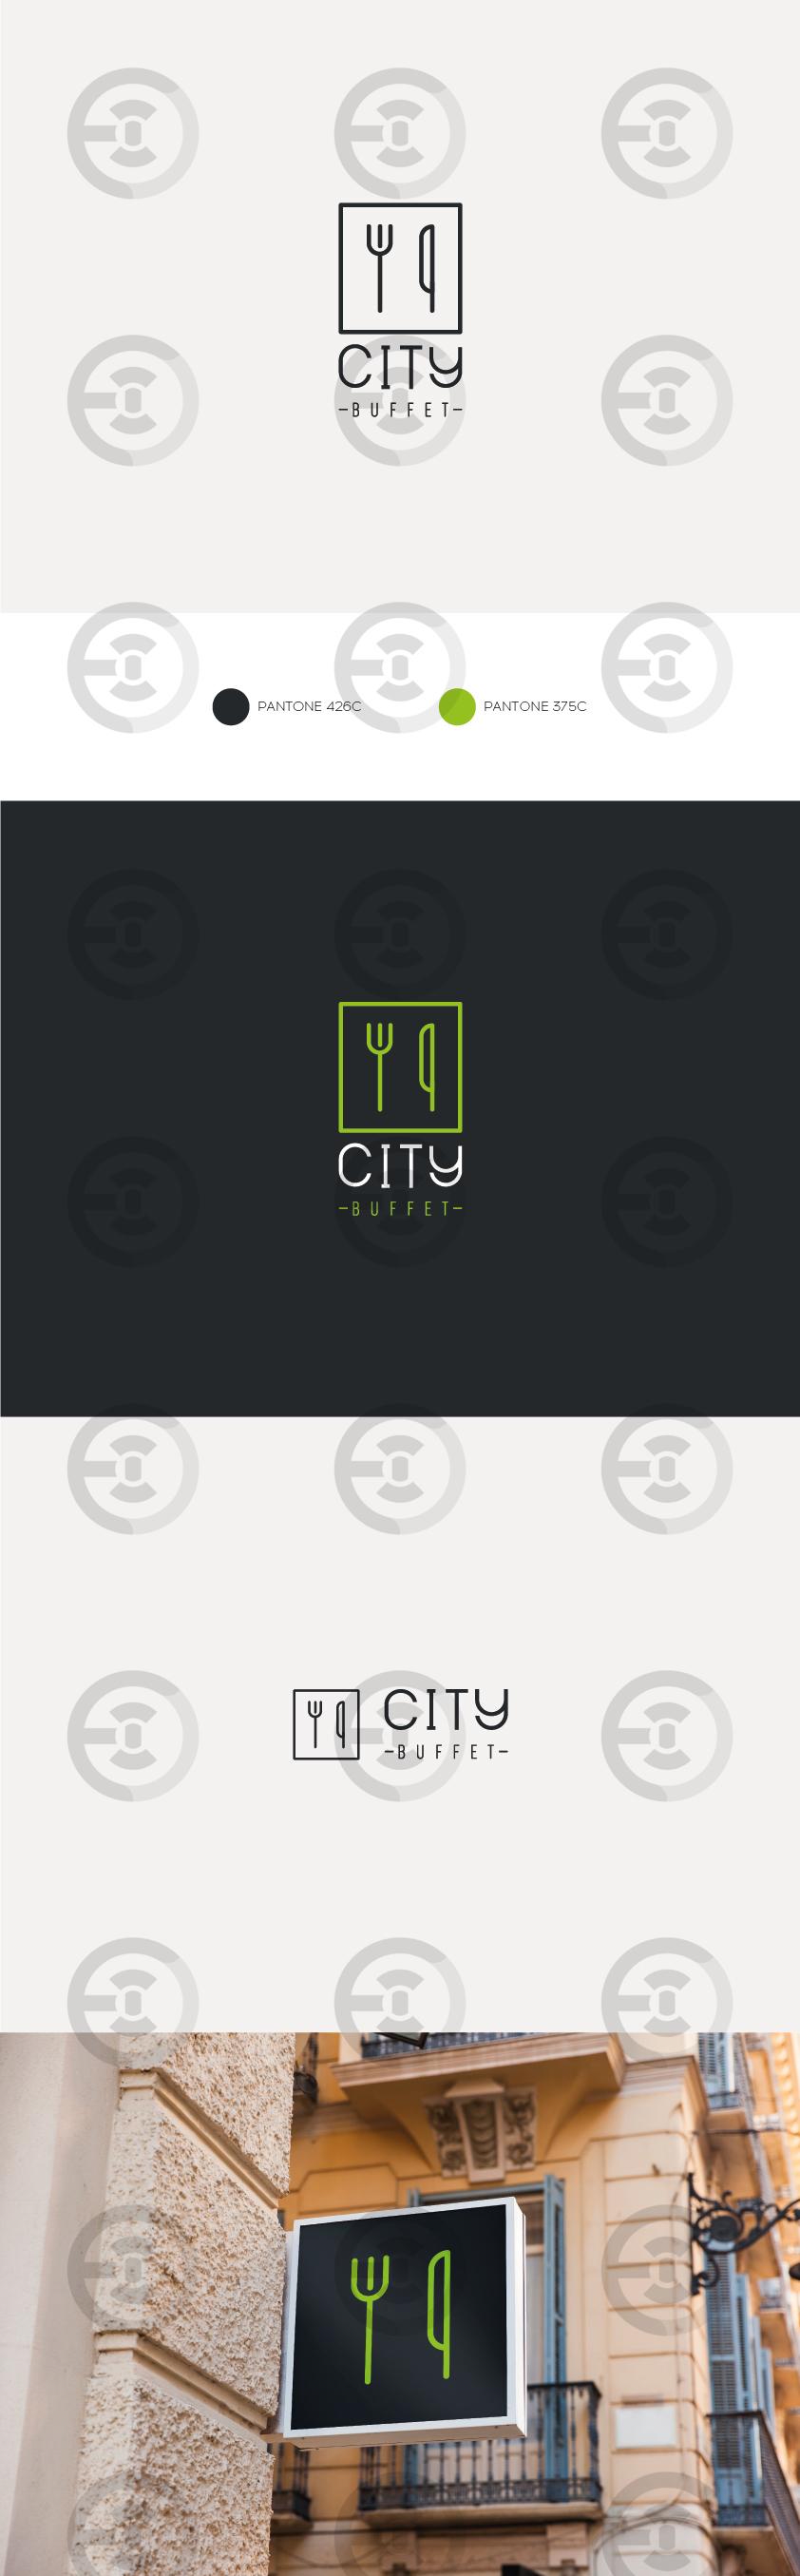 City_Buffet2-02.jpg